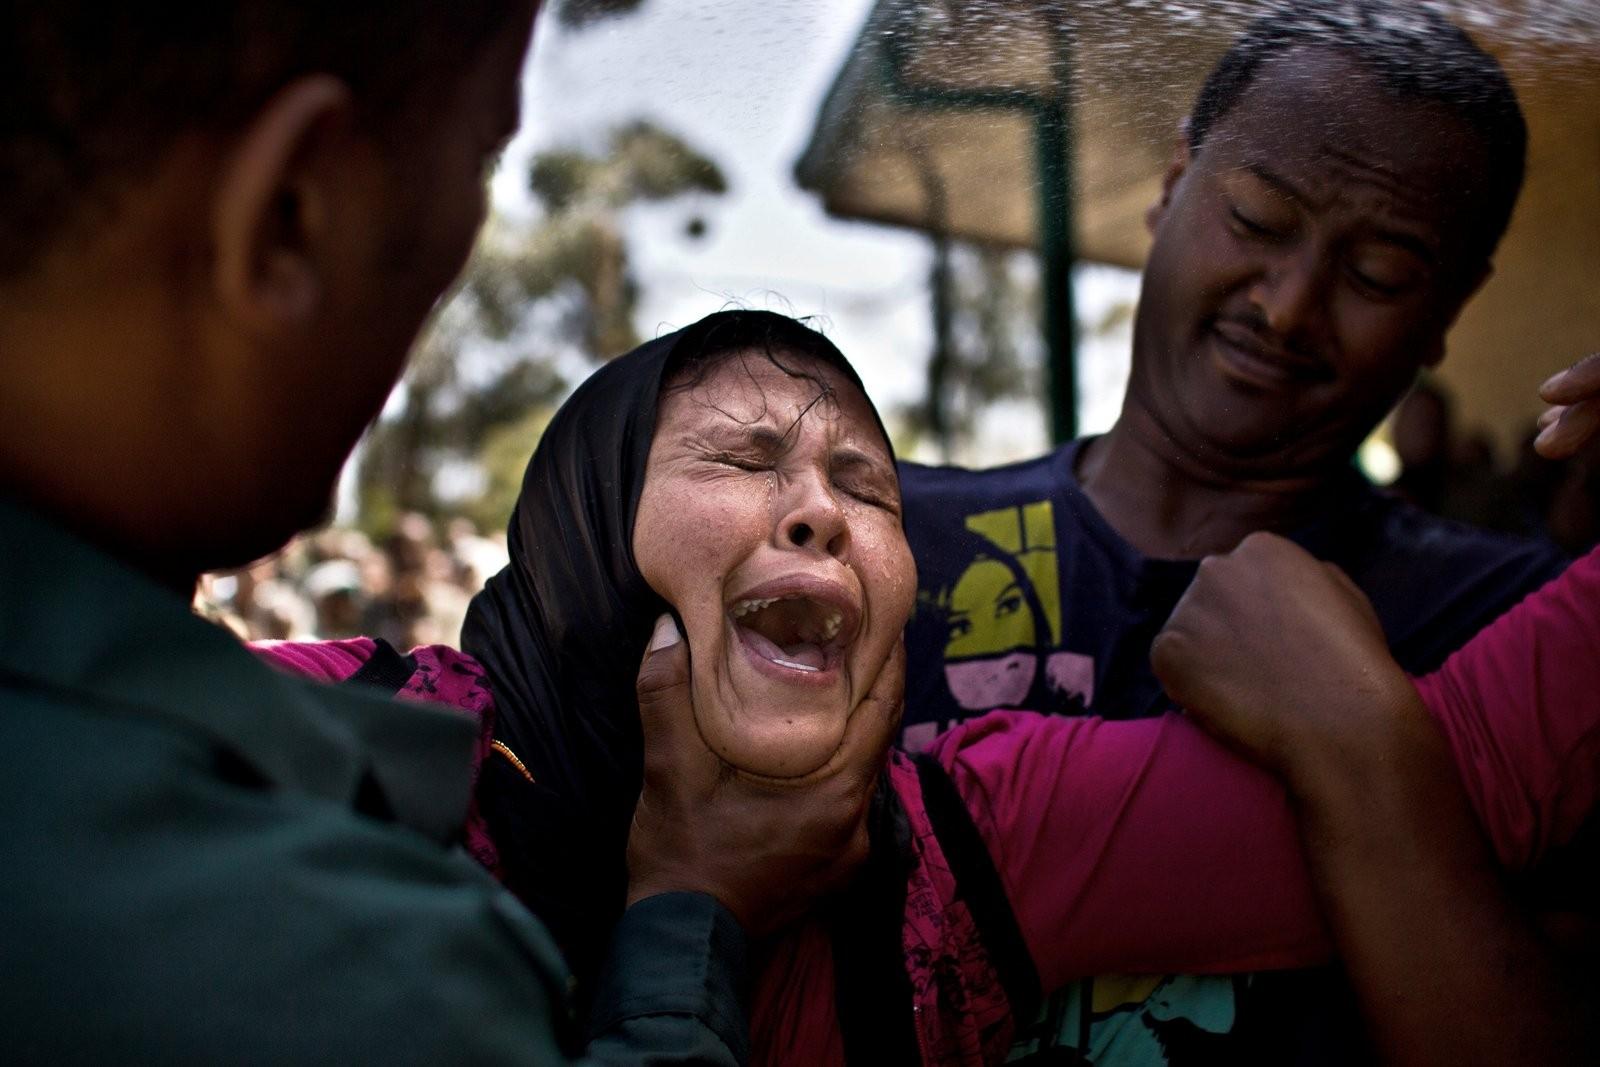 Žena v davu pláče poté, co se jí kněz Memihir Girma Wendimu snaží vyhnat démony z těla u kostela Yerer Sellassie na okraji Addis Abeby v Etiopii v lednu 2014.Oběti černé magie nebo různých druhů démonů k němu chodí a bezpodmínečně věří v jeho svatou pomo (Foto: David Tesinsky)